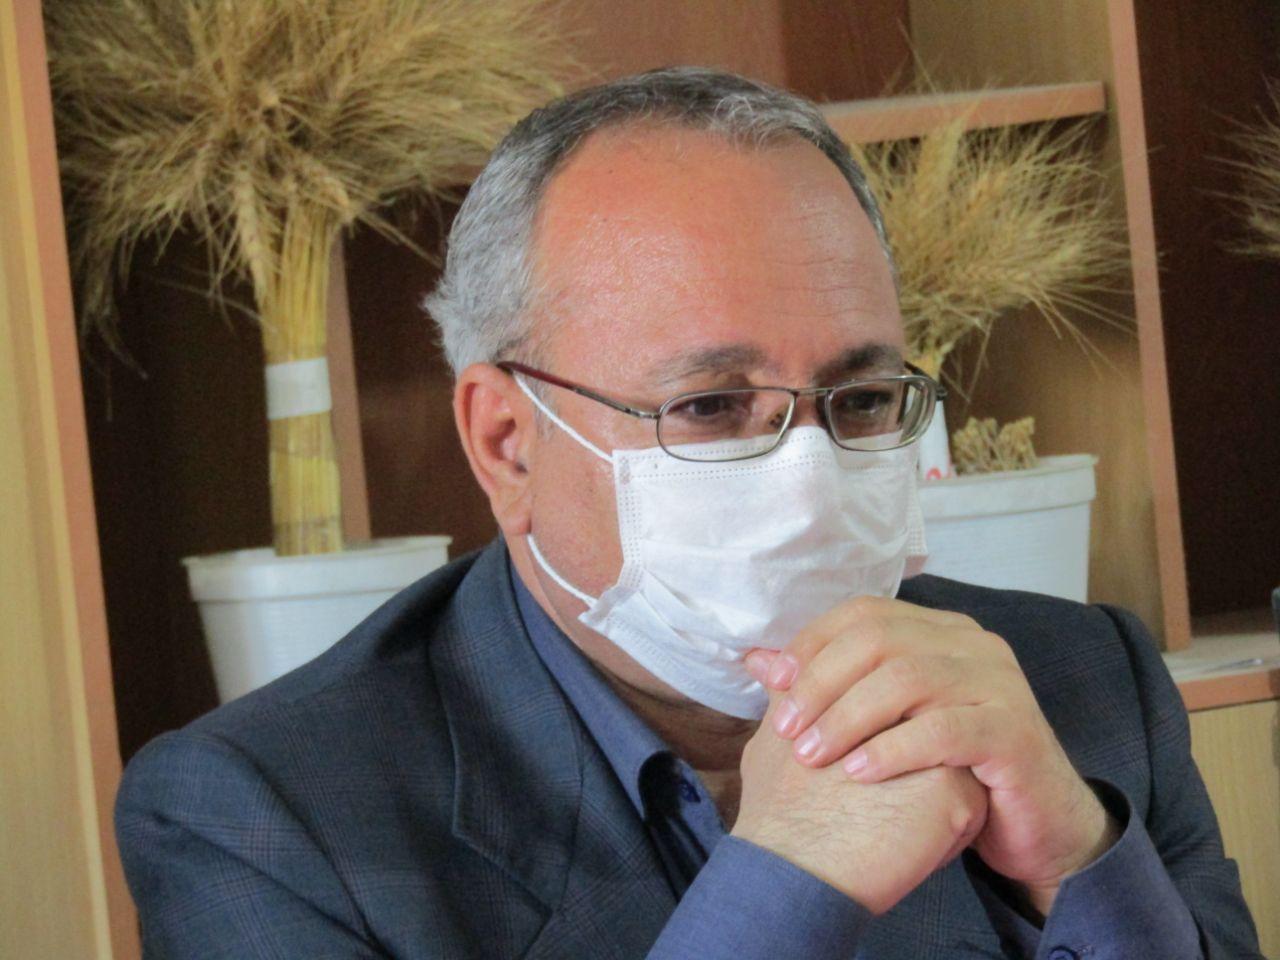 عملکرد نمایندگان دولت در منطقه حسین آباد کالپوش با انجام تعهدات قانونی رضایت بخش است